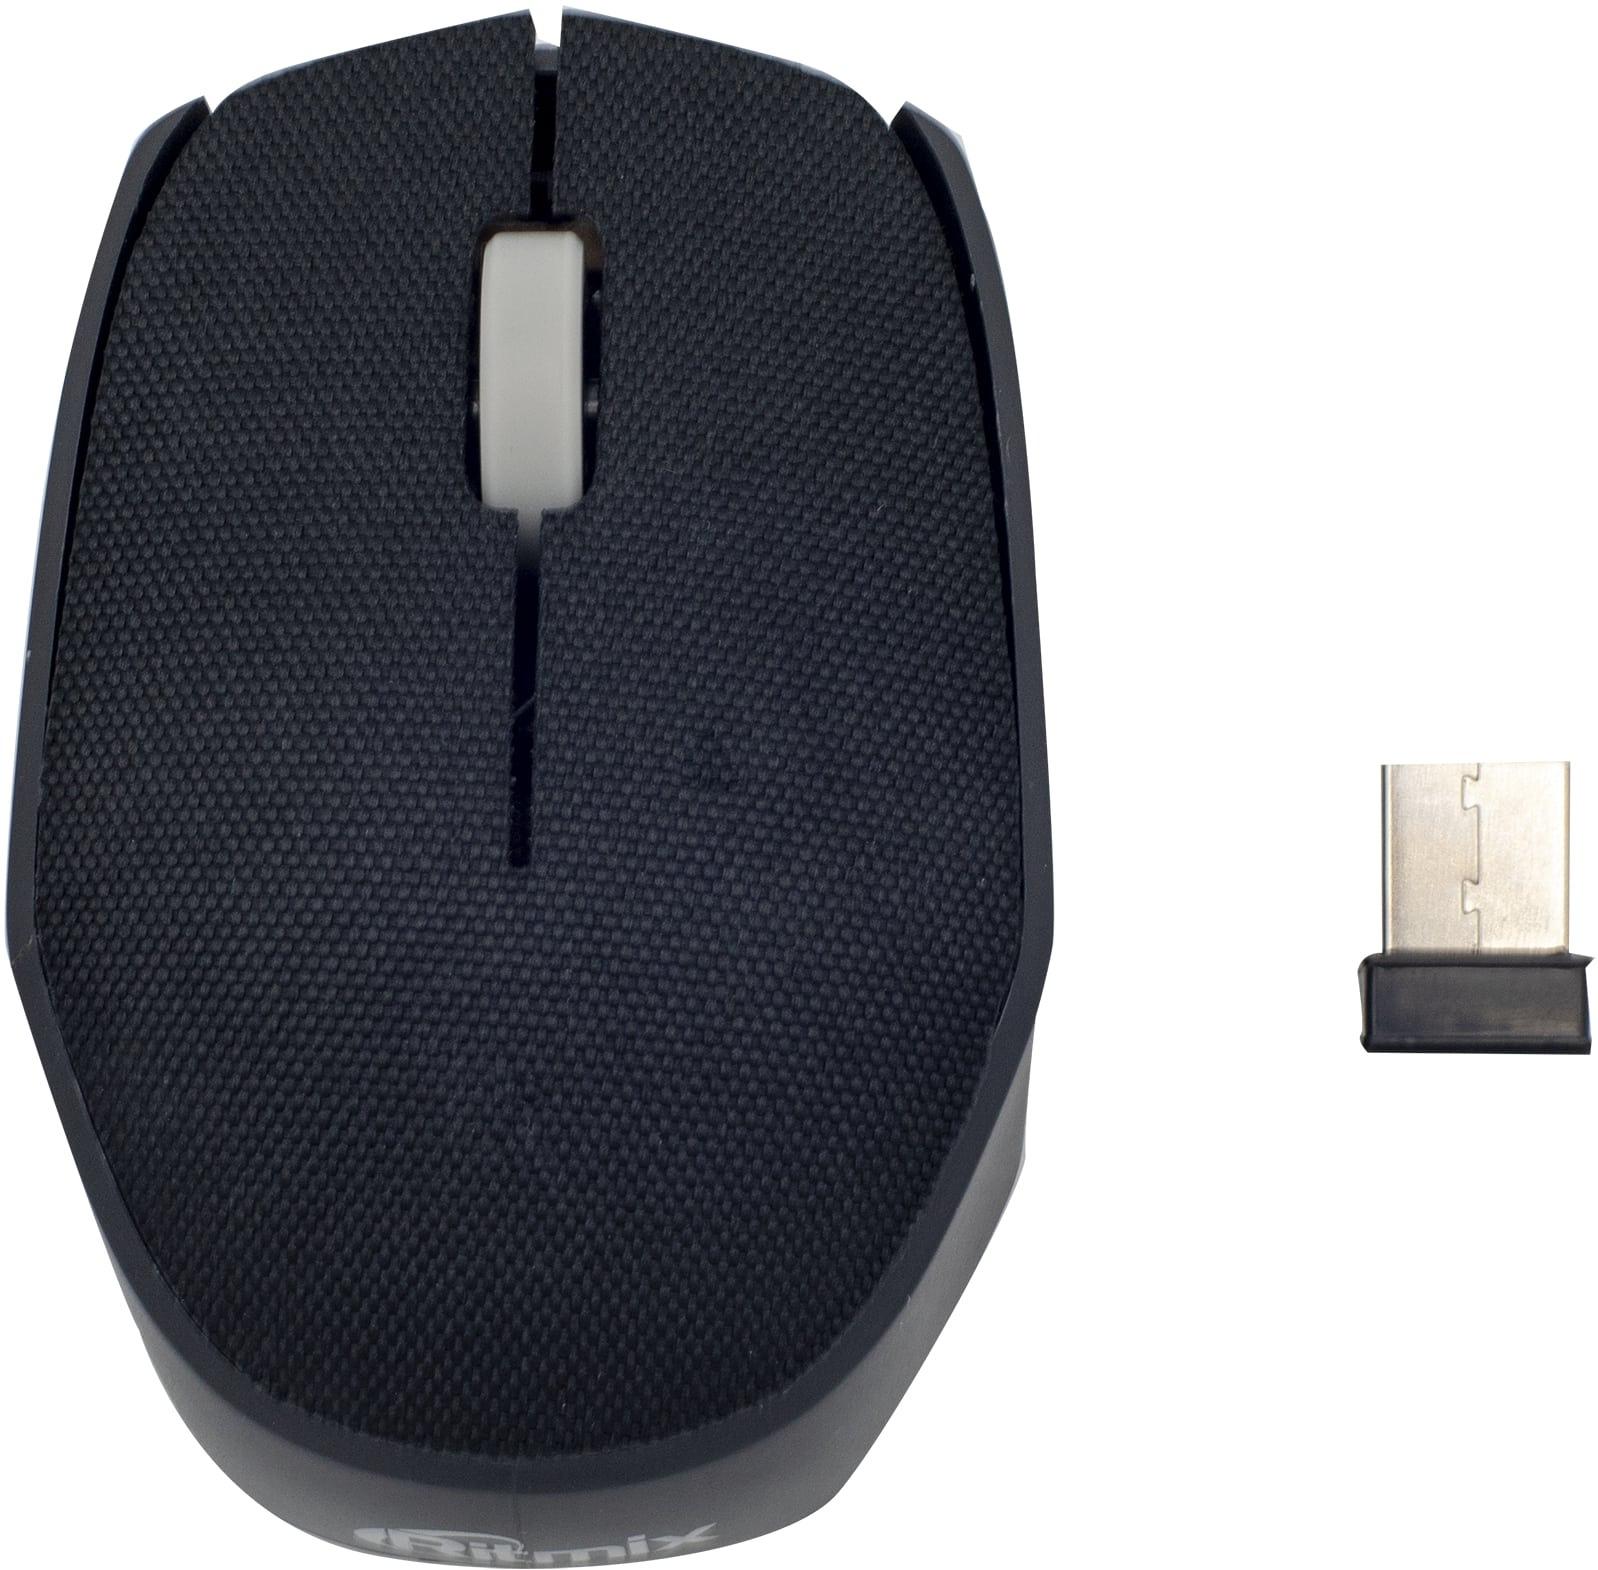 лучшая цена Мышь беспроводная Ritmix RMW-611, черный